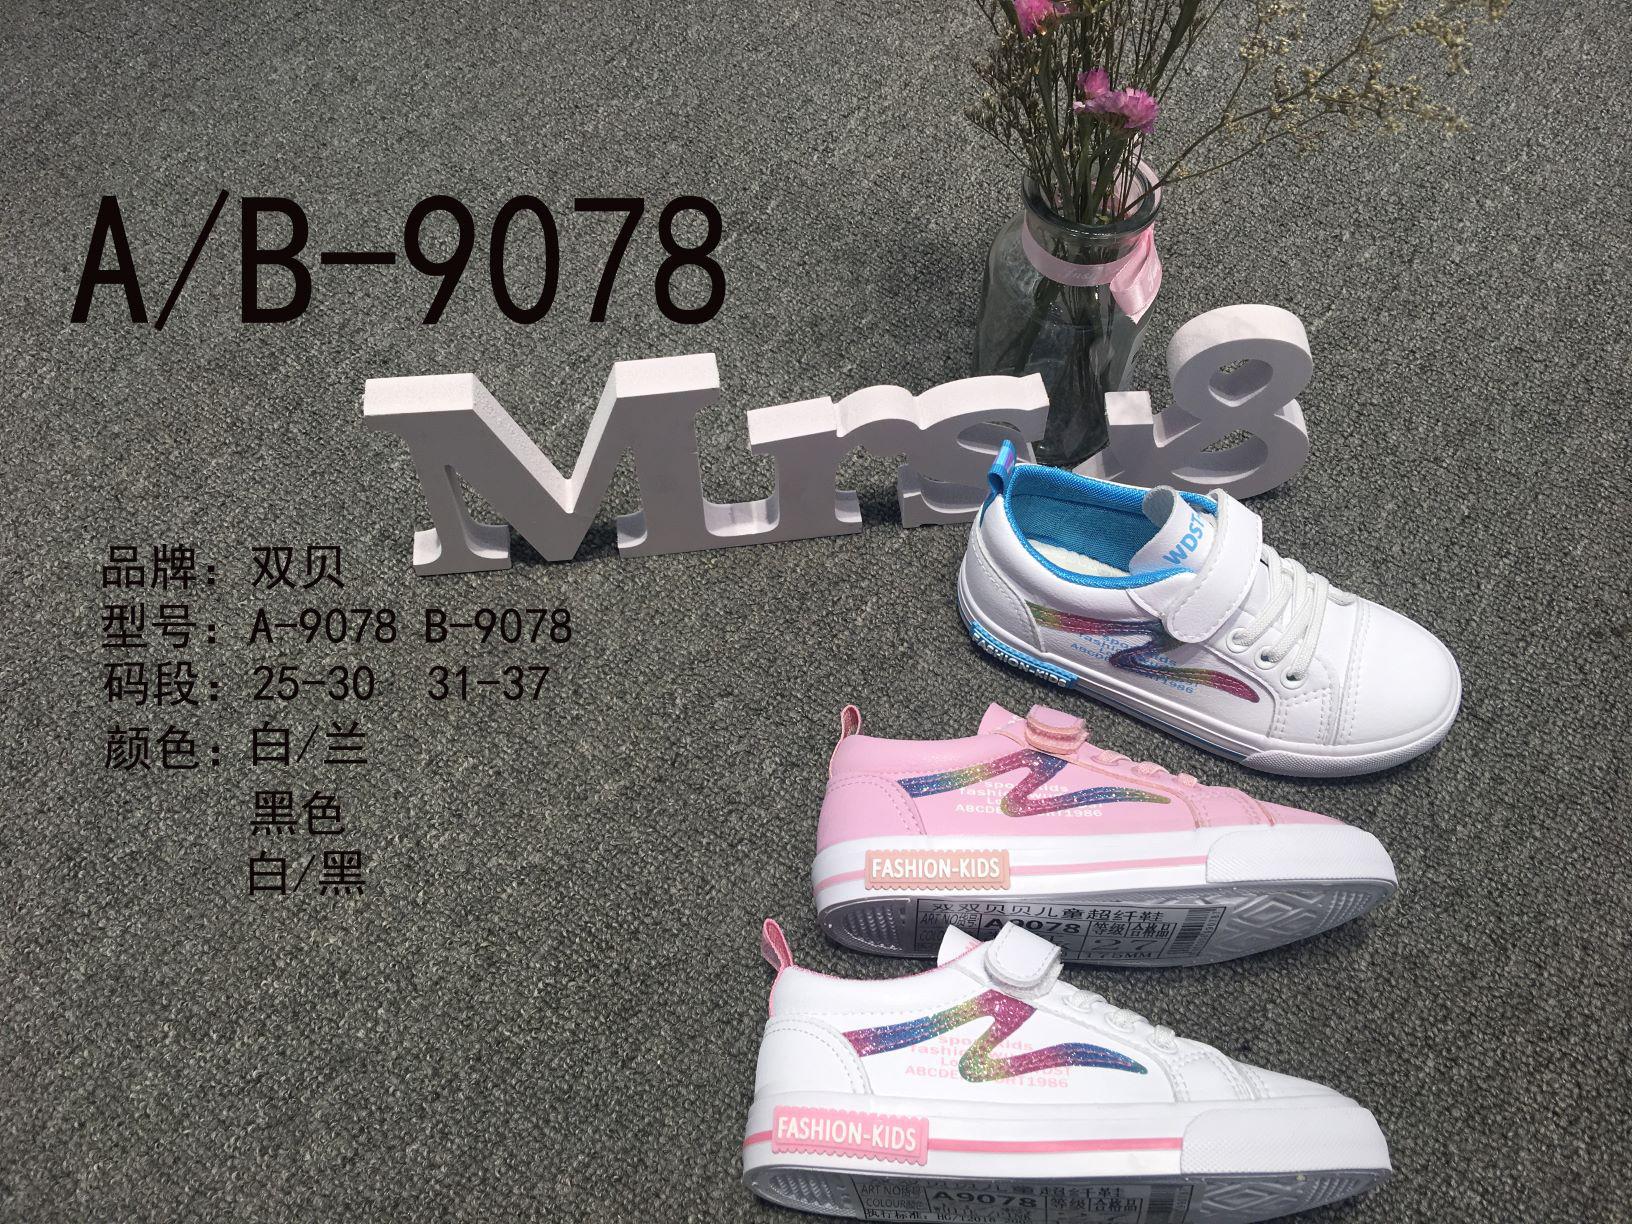 A-B-9078